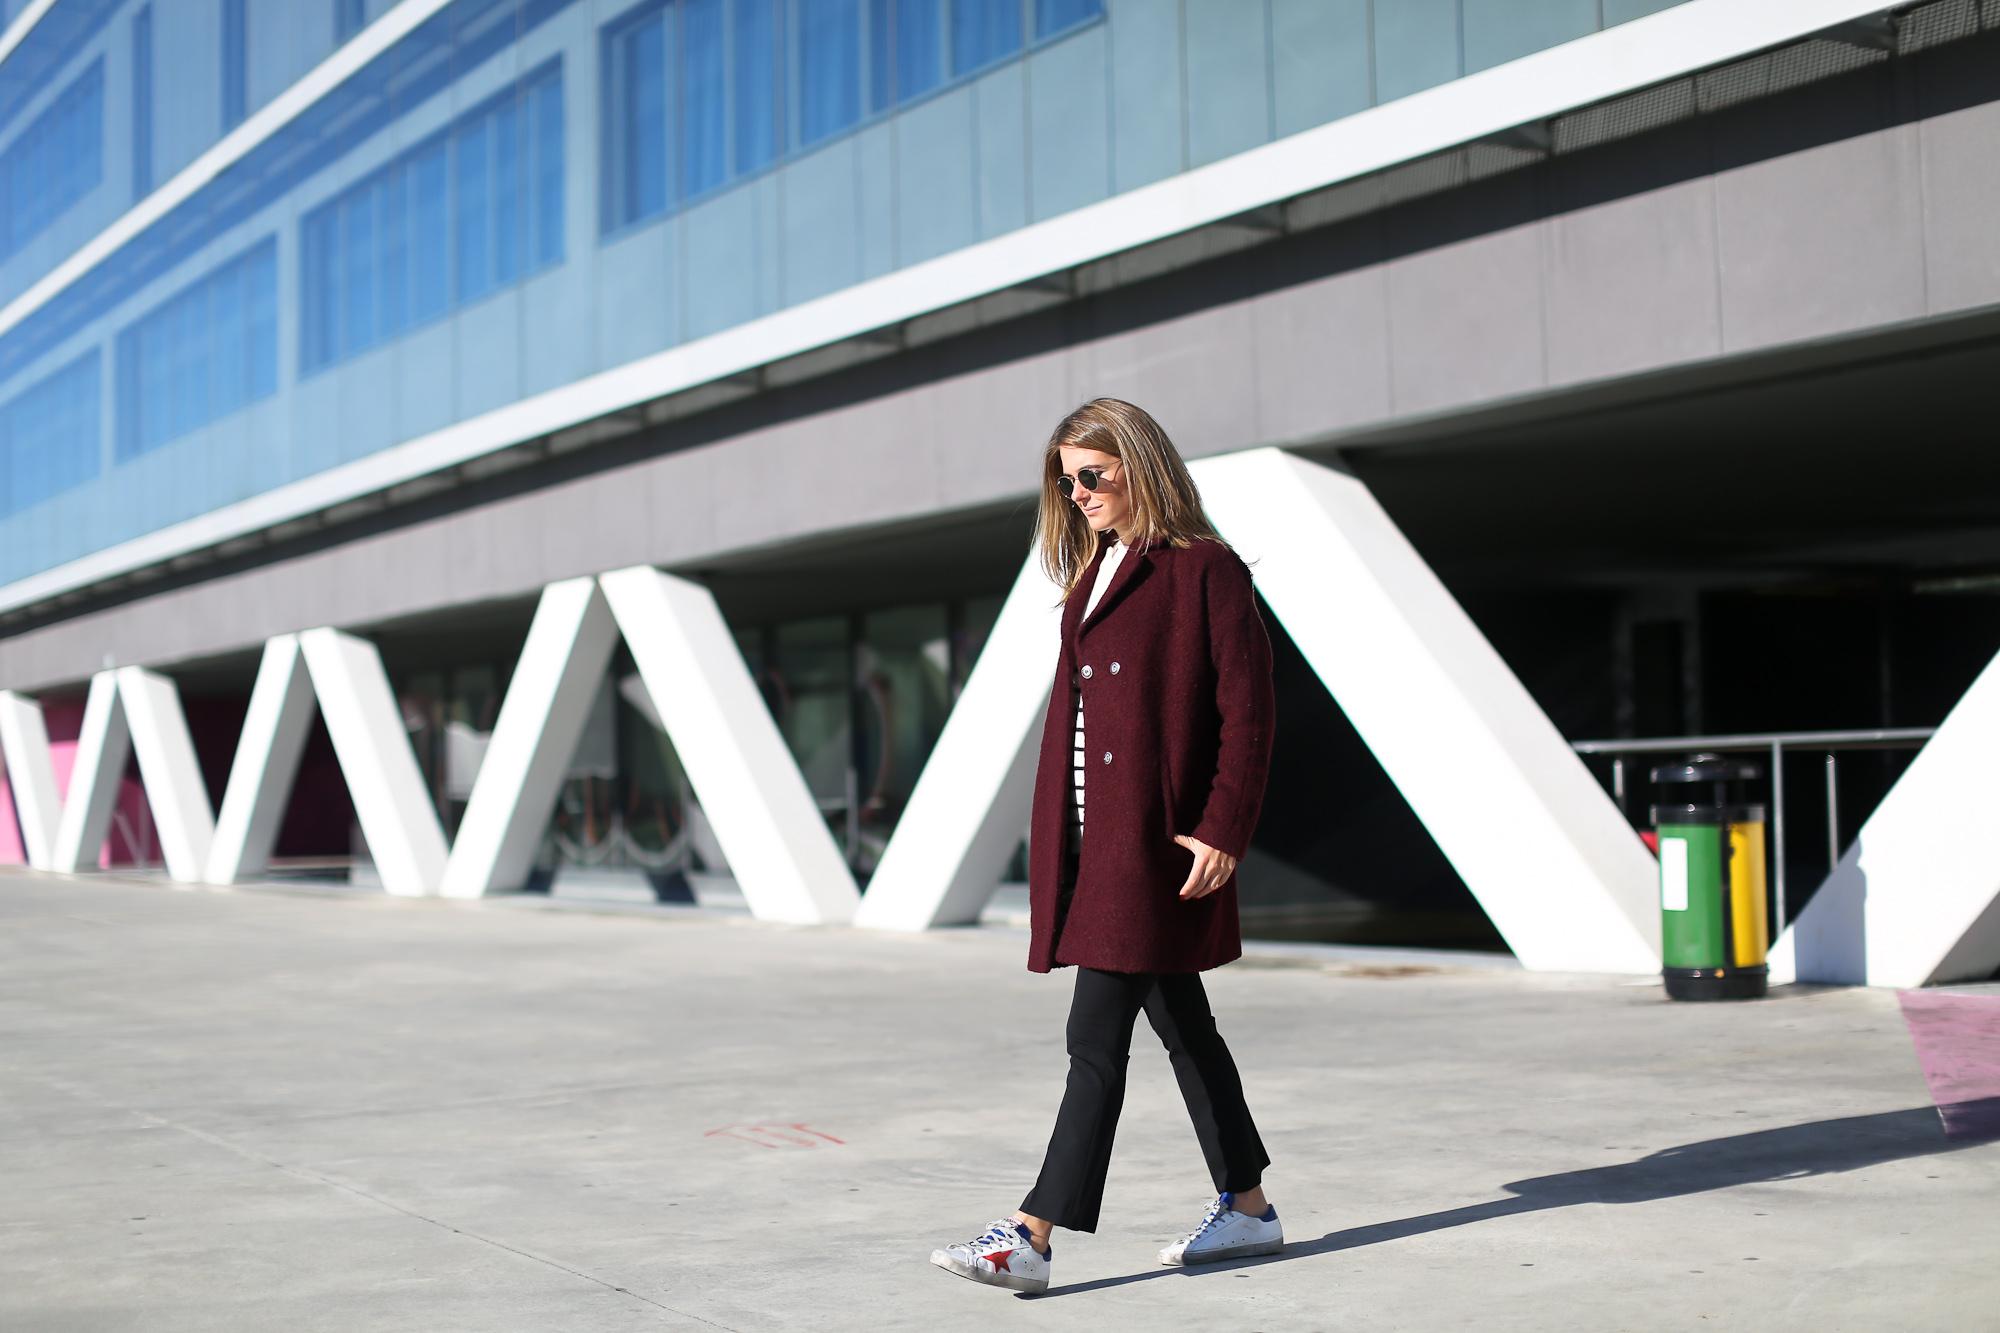 Clochet_streetstyle_golden_goose_deluxe_brand_sneakers_burgundy_coat-4